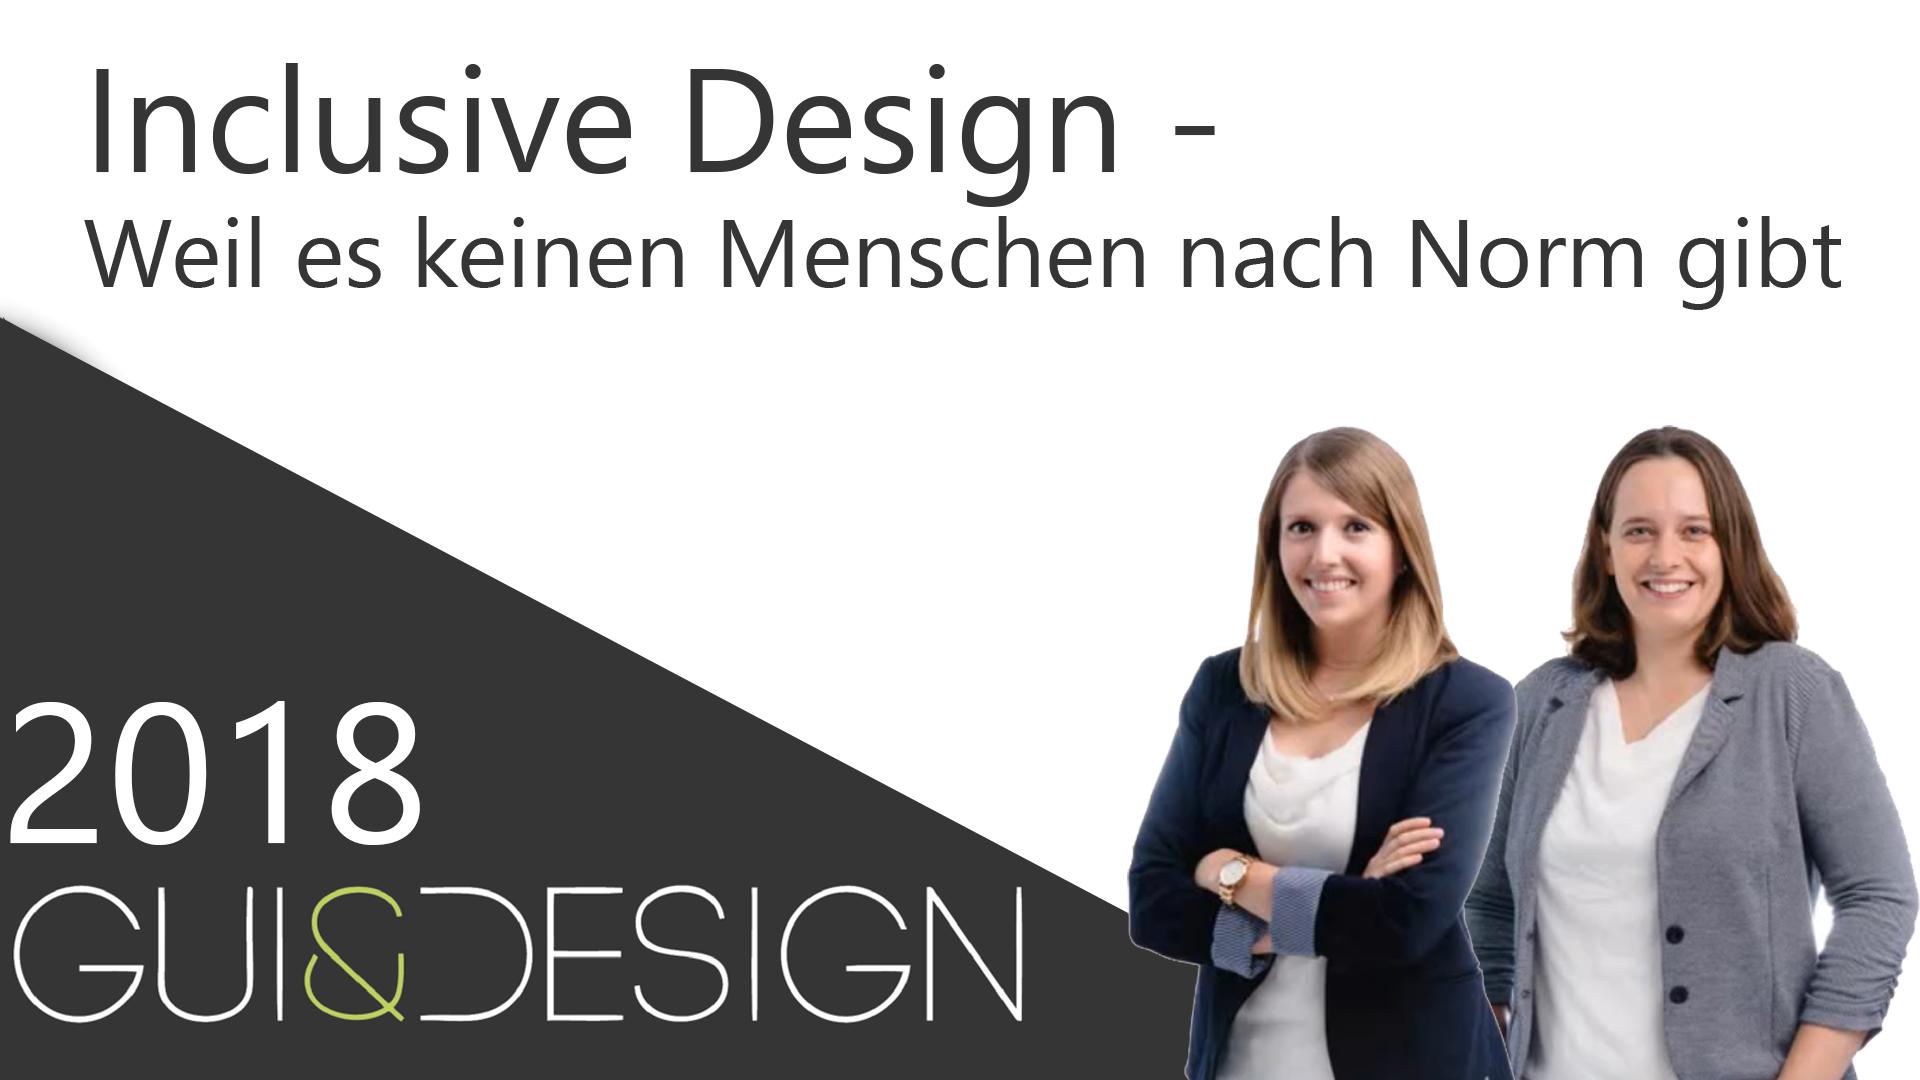 2018/GUIDesign/inclusivedesign